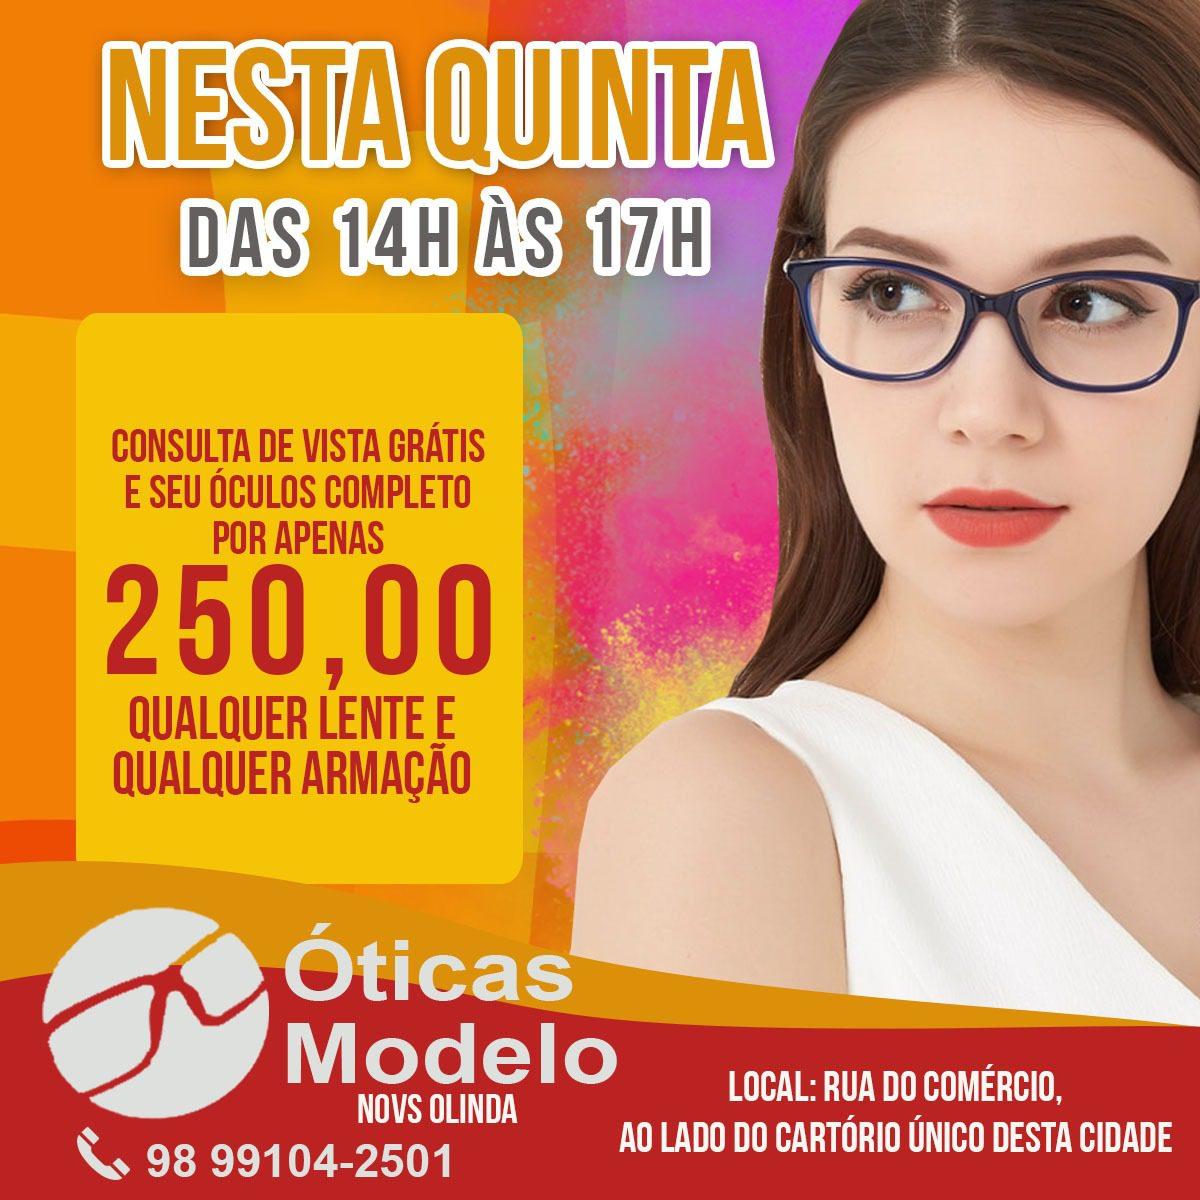 Atenção: Ótica Modelo realiza nesta quinta-feira (28) consultas de vista em Nova Olinda do MA